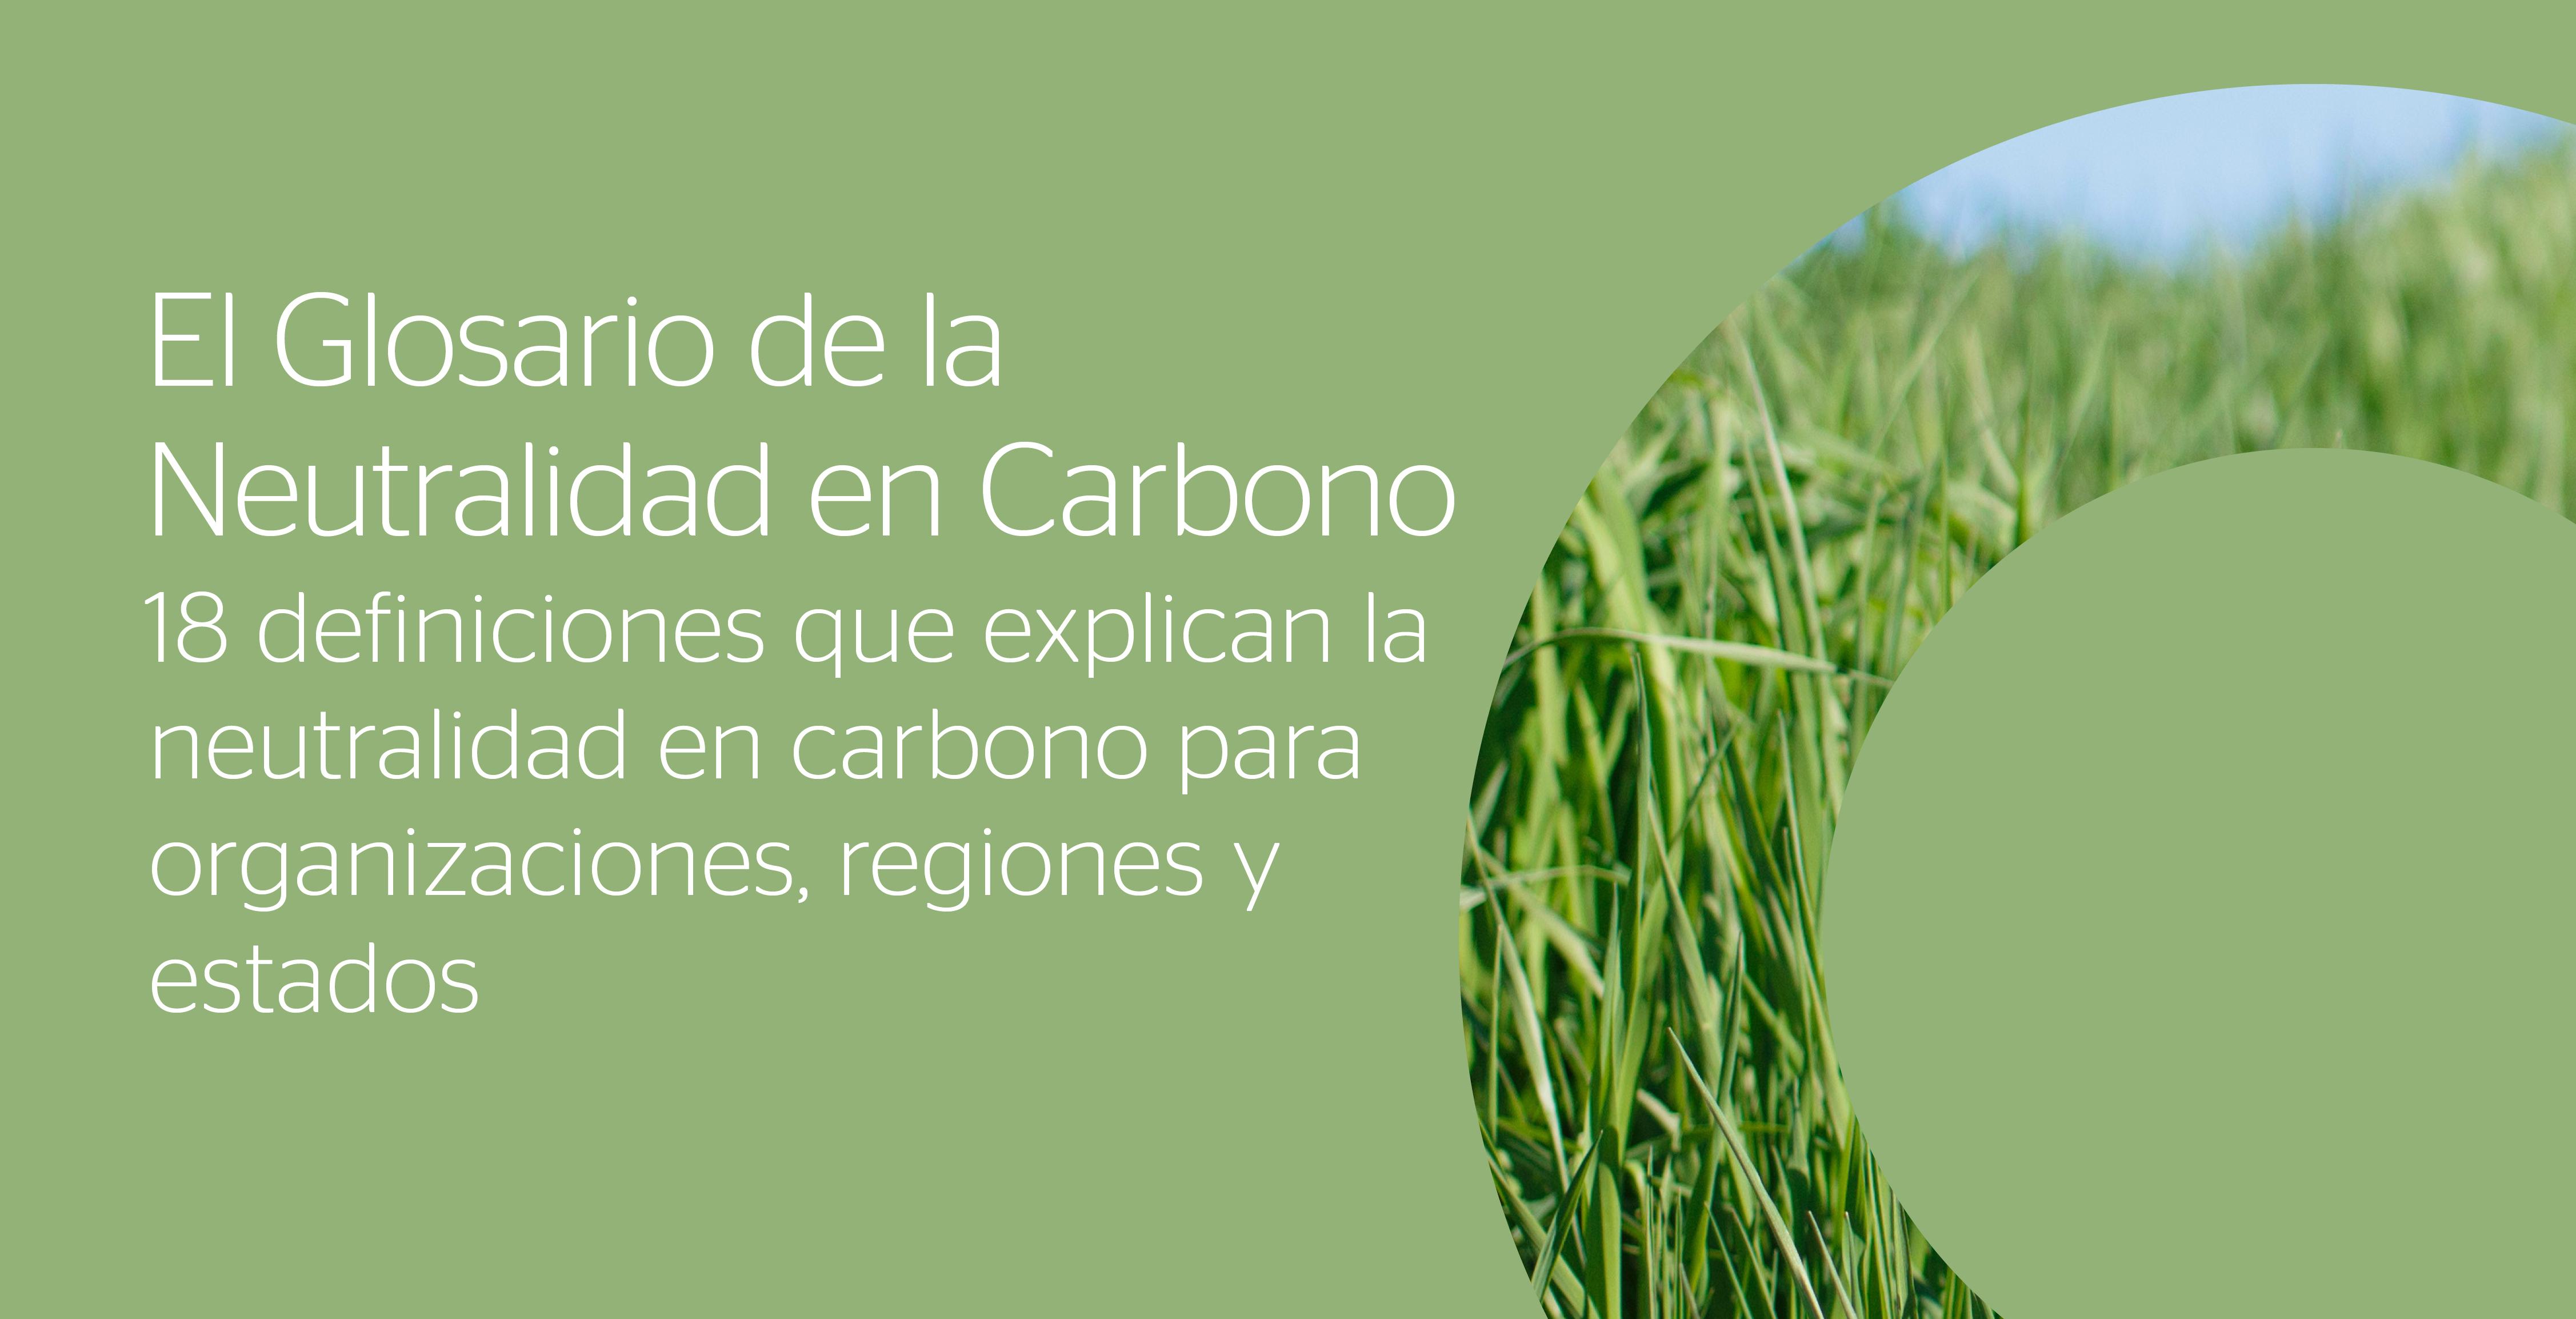 El glosario de la neutralidad en carbono